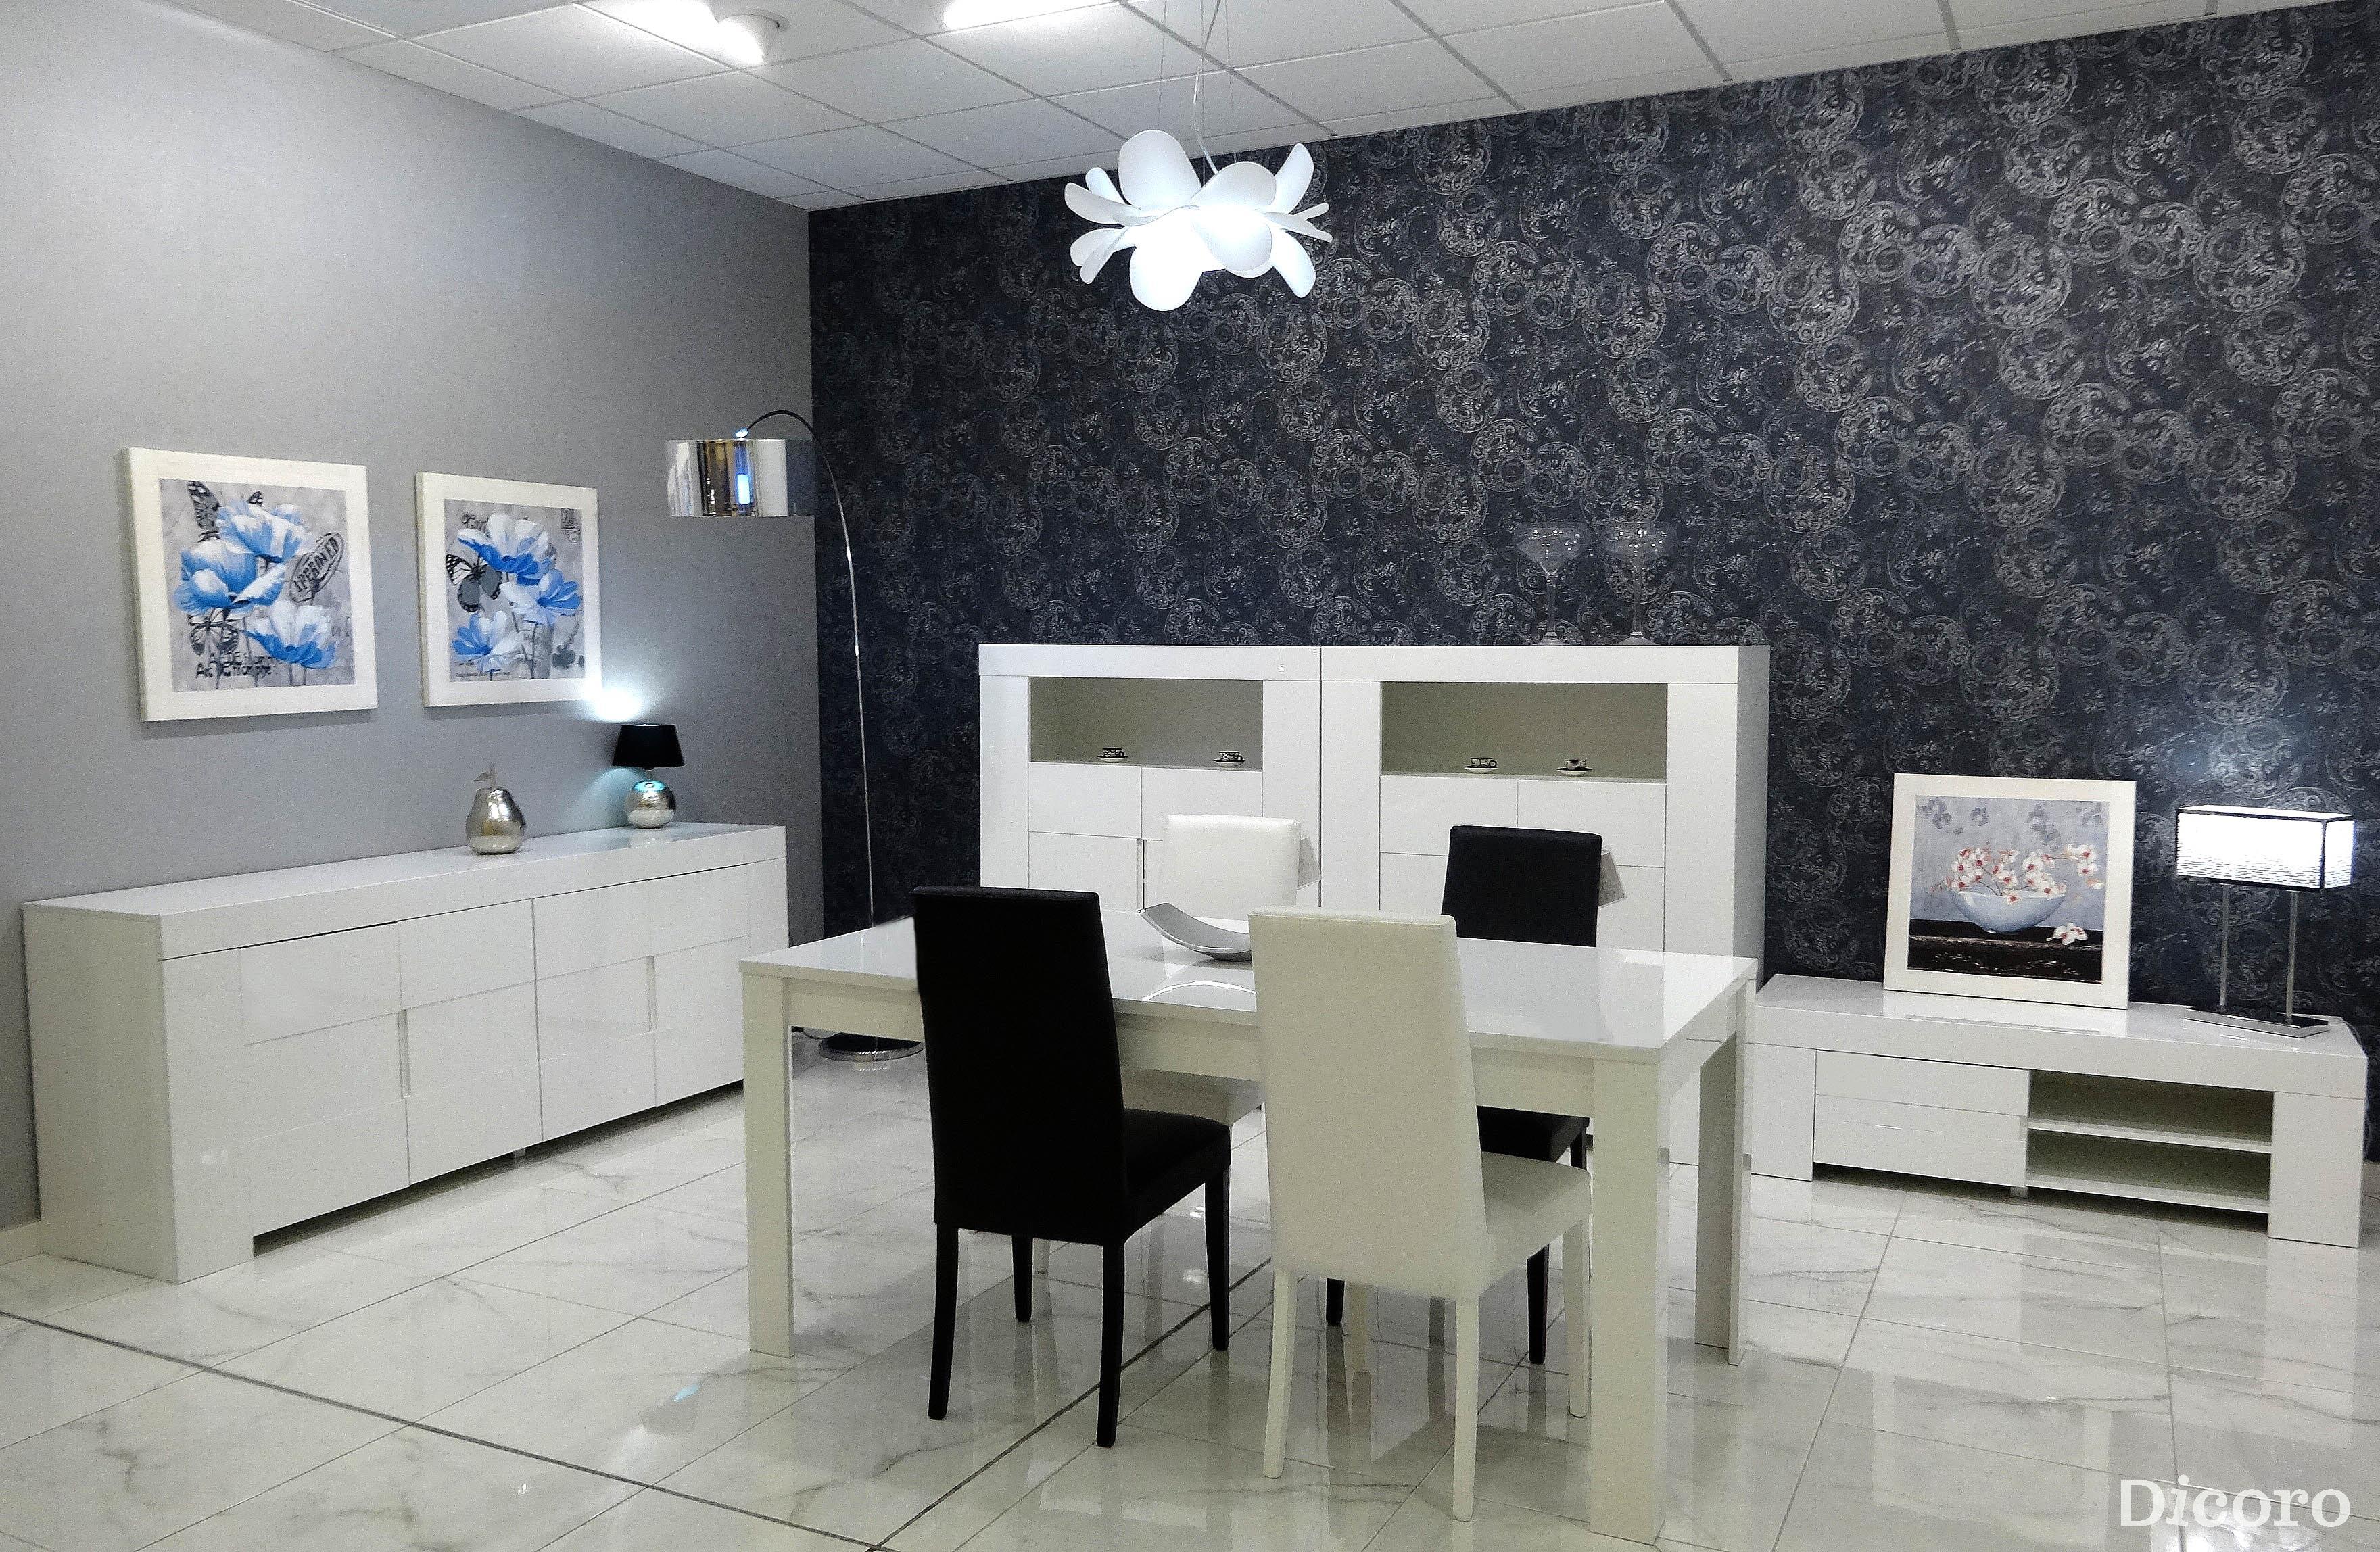 El sal n hermes es la apuesta segura para tu decoraci n for Como decorar un salon blanco